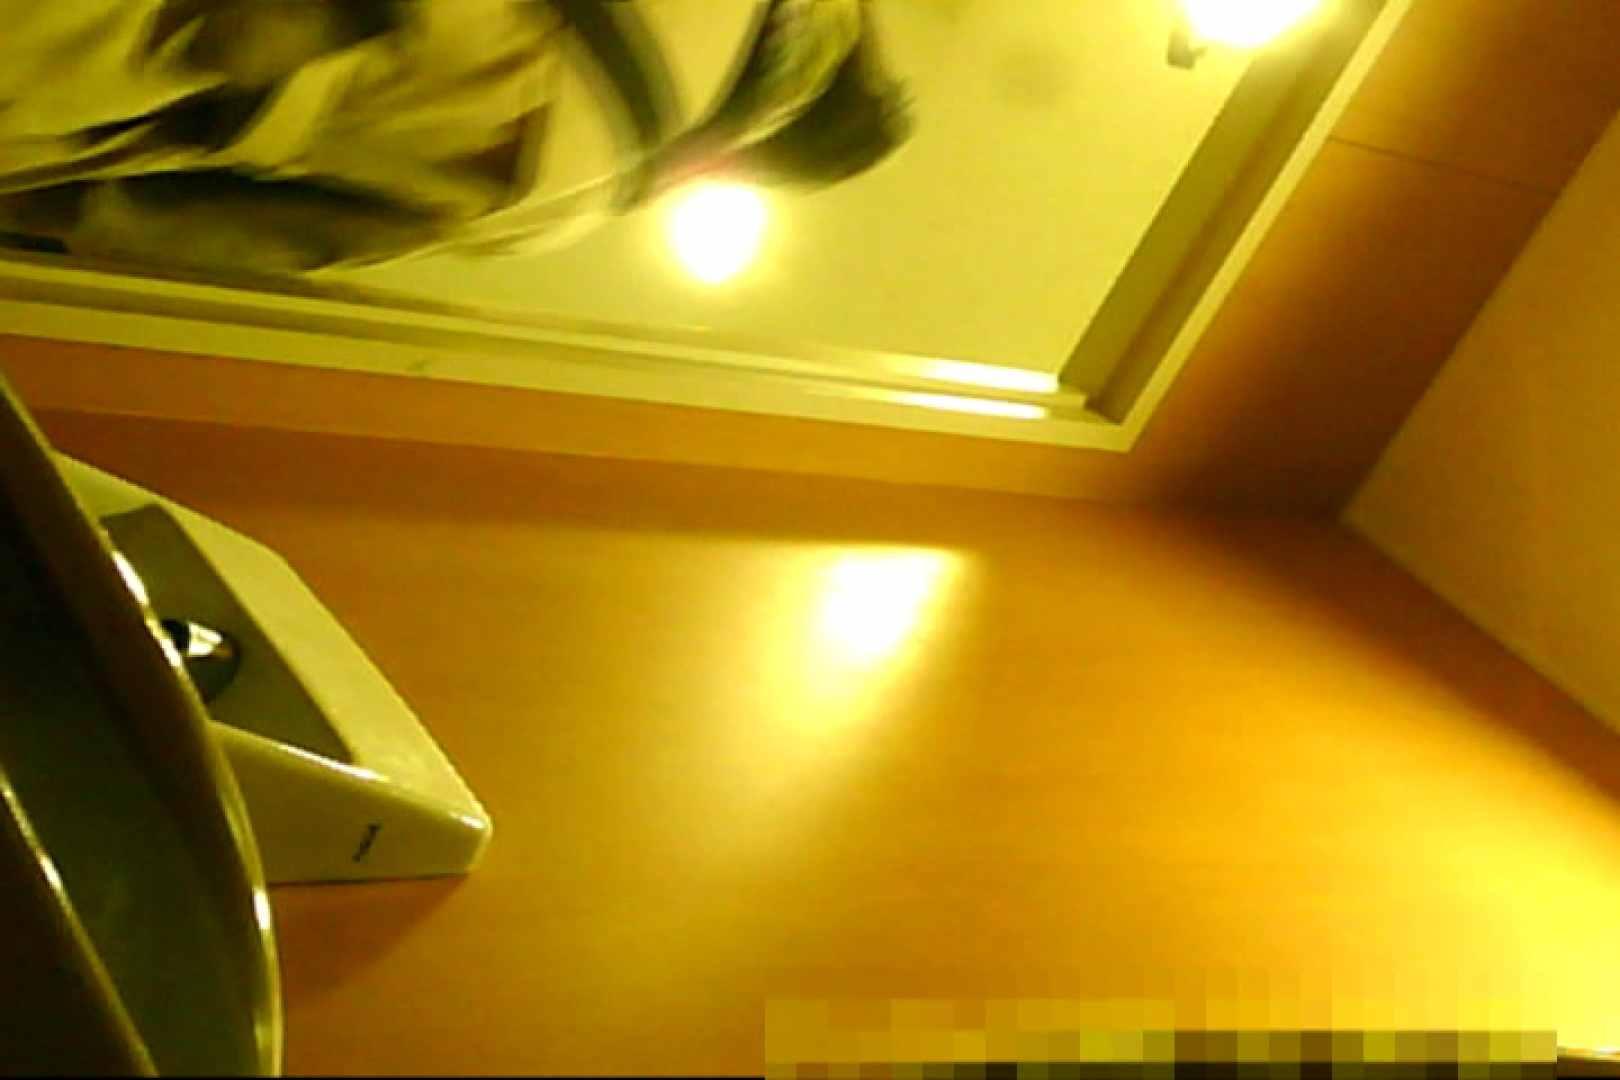 魅惑の化粧室~禁断のプライベート空間~19 すけべなお姉さん AV動画キャプチャ 84画像 29